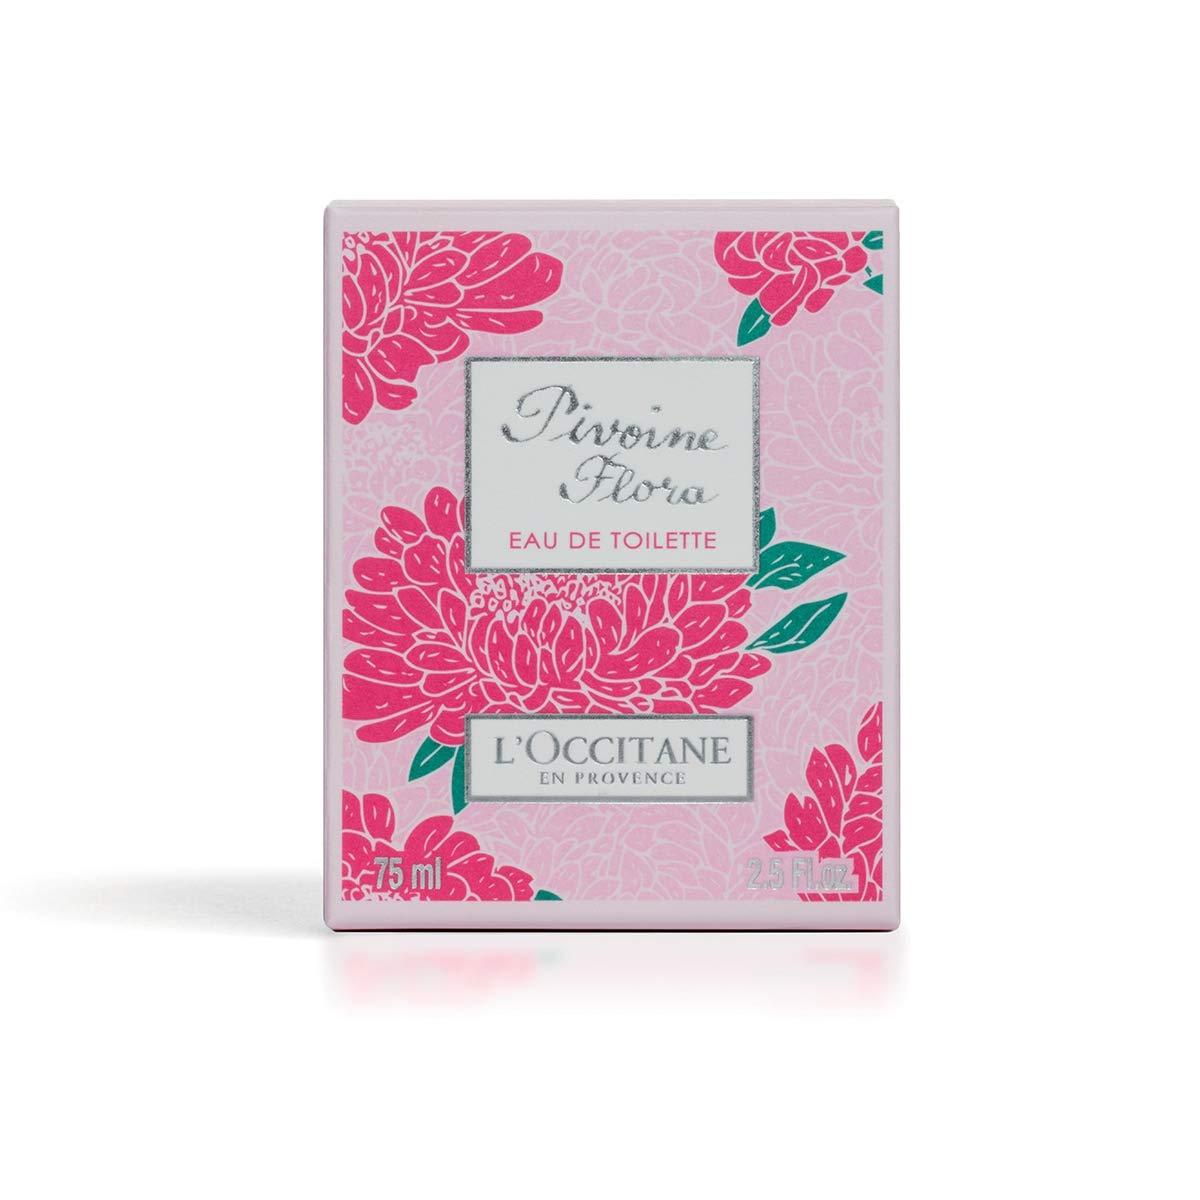 L Occitane Soft Captivating Pivoine Flora Eau de Toilette with Peony Extract, 2.5 fl. oz.